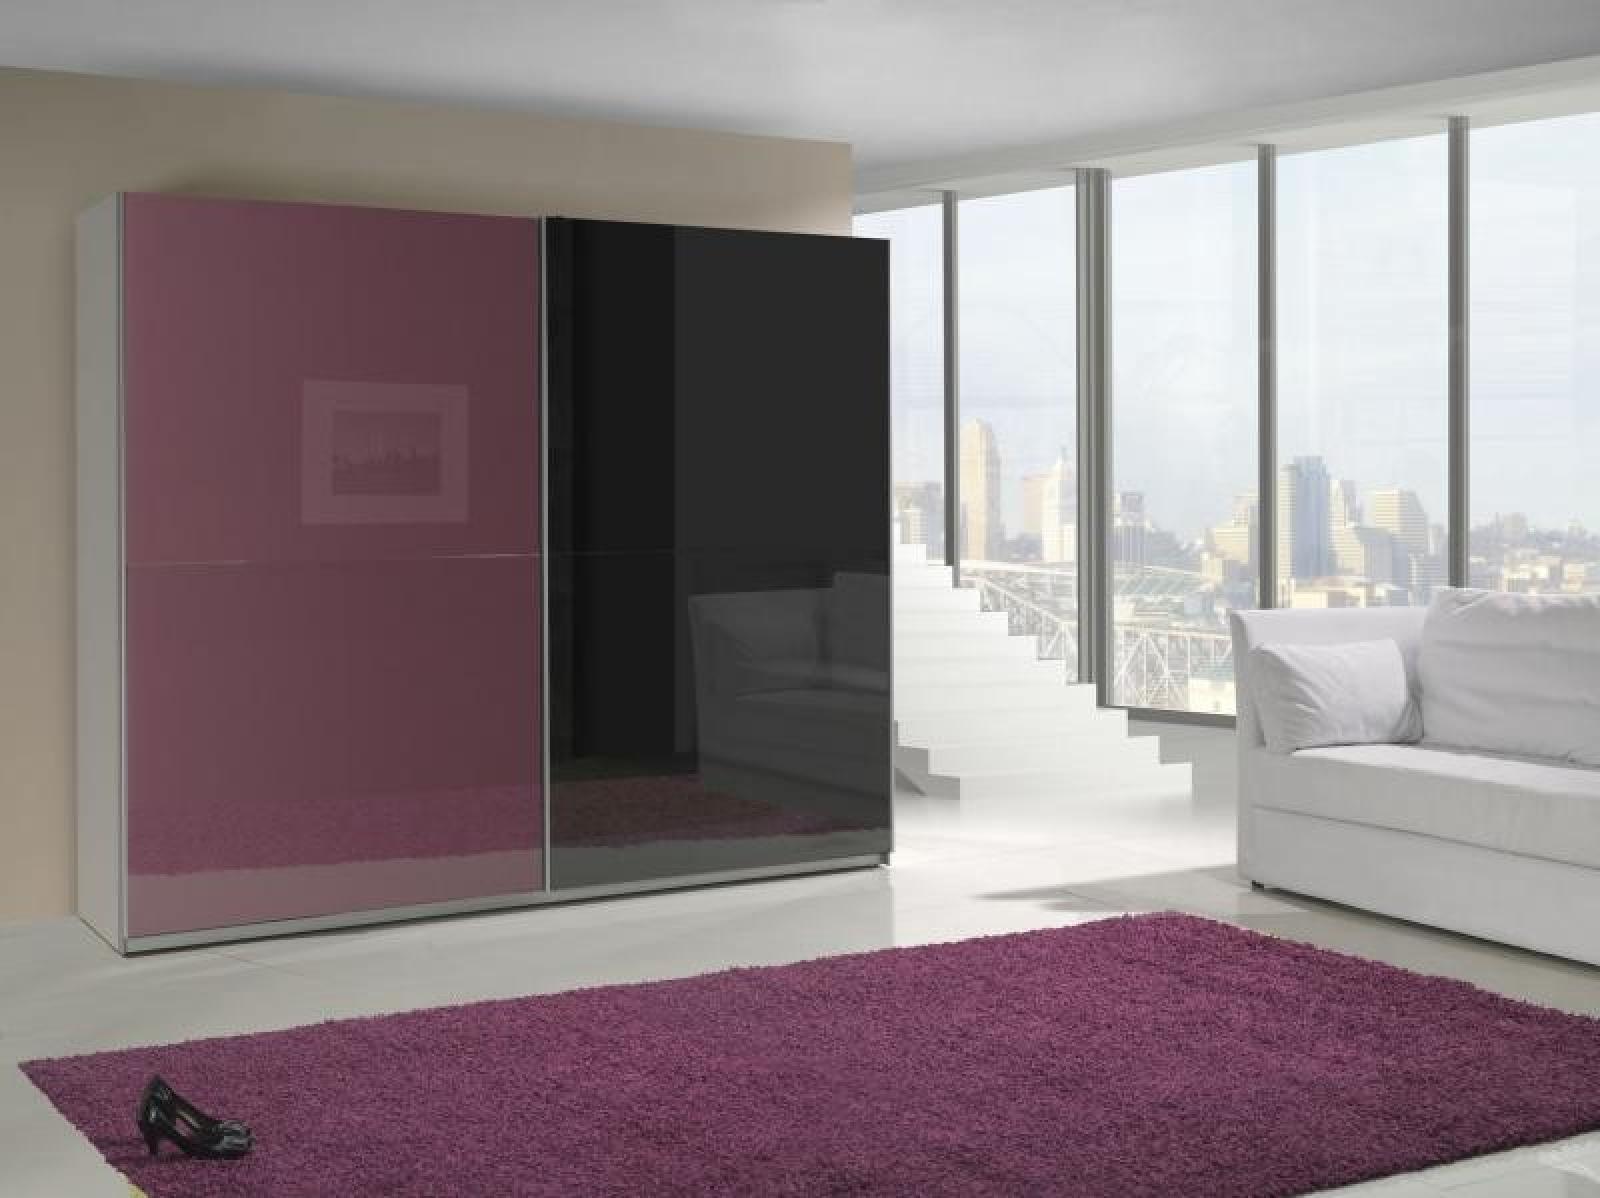 Kleiderschrank schiebetüren schwarz  KAUFEXPERT - Schwebetürenschrank 244 cm Prestige 8 Violett Schwarz ...